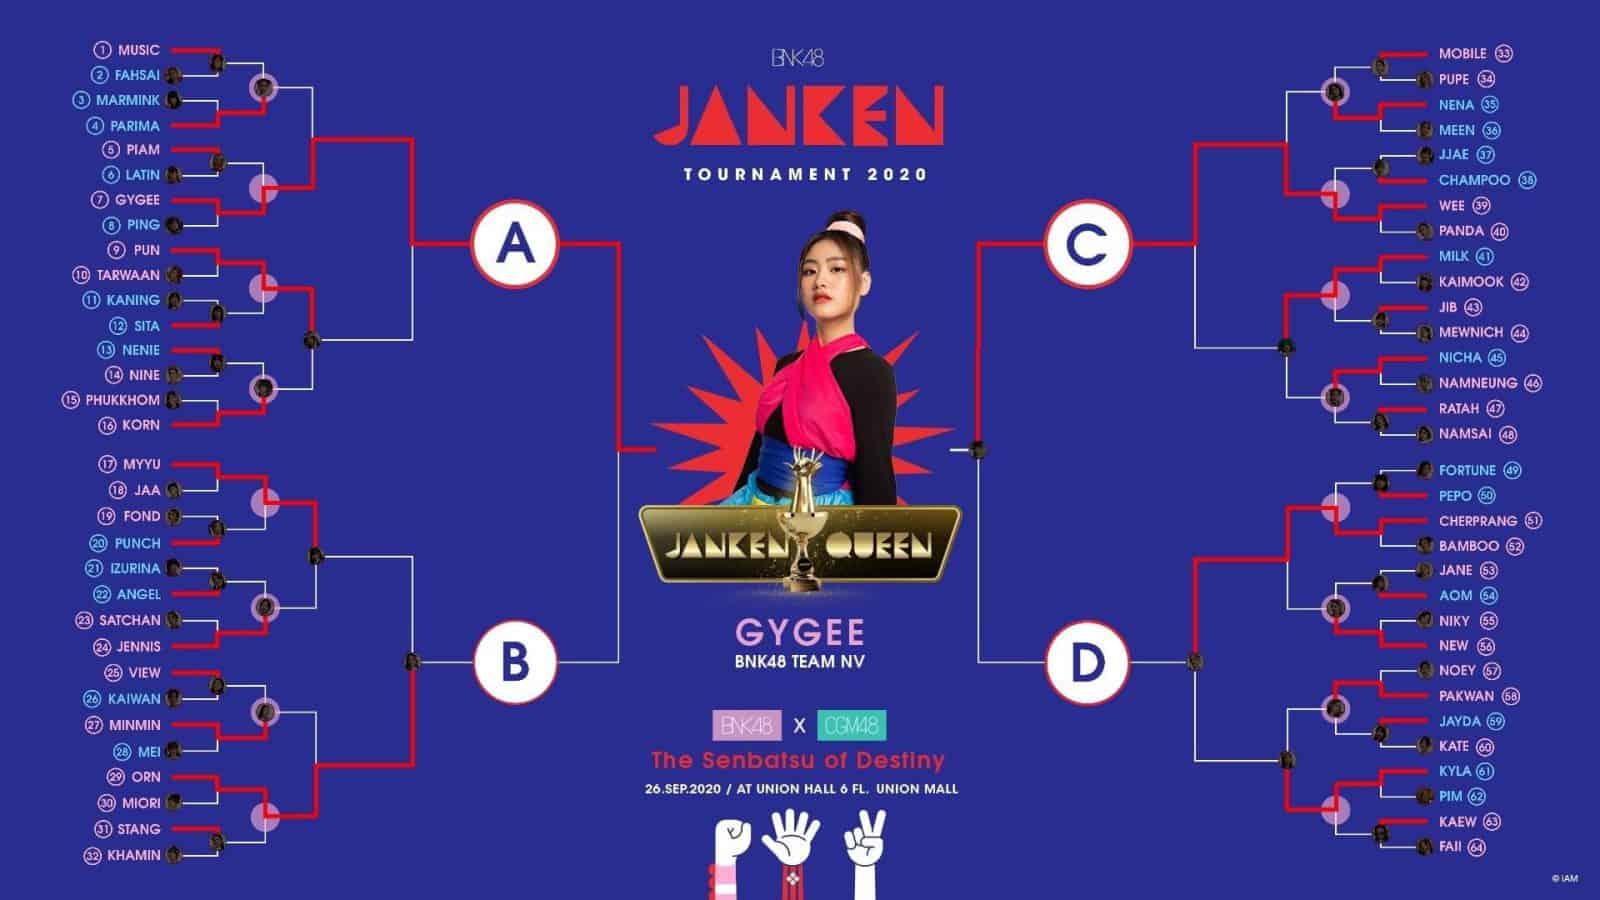 """Janken Queen ประจำปี 2020 """"จีจี้ Gygee (BNK48)"""" BNK48 JANKEN Tournament 2020 – The Senbatsu of Destiny"""